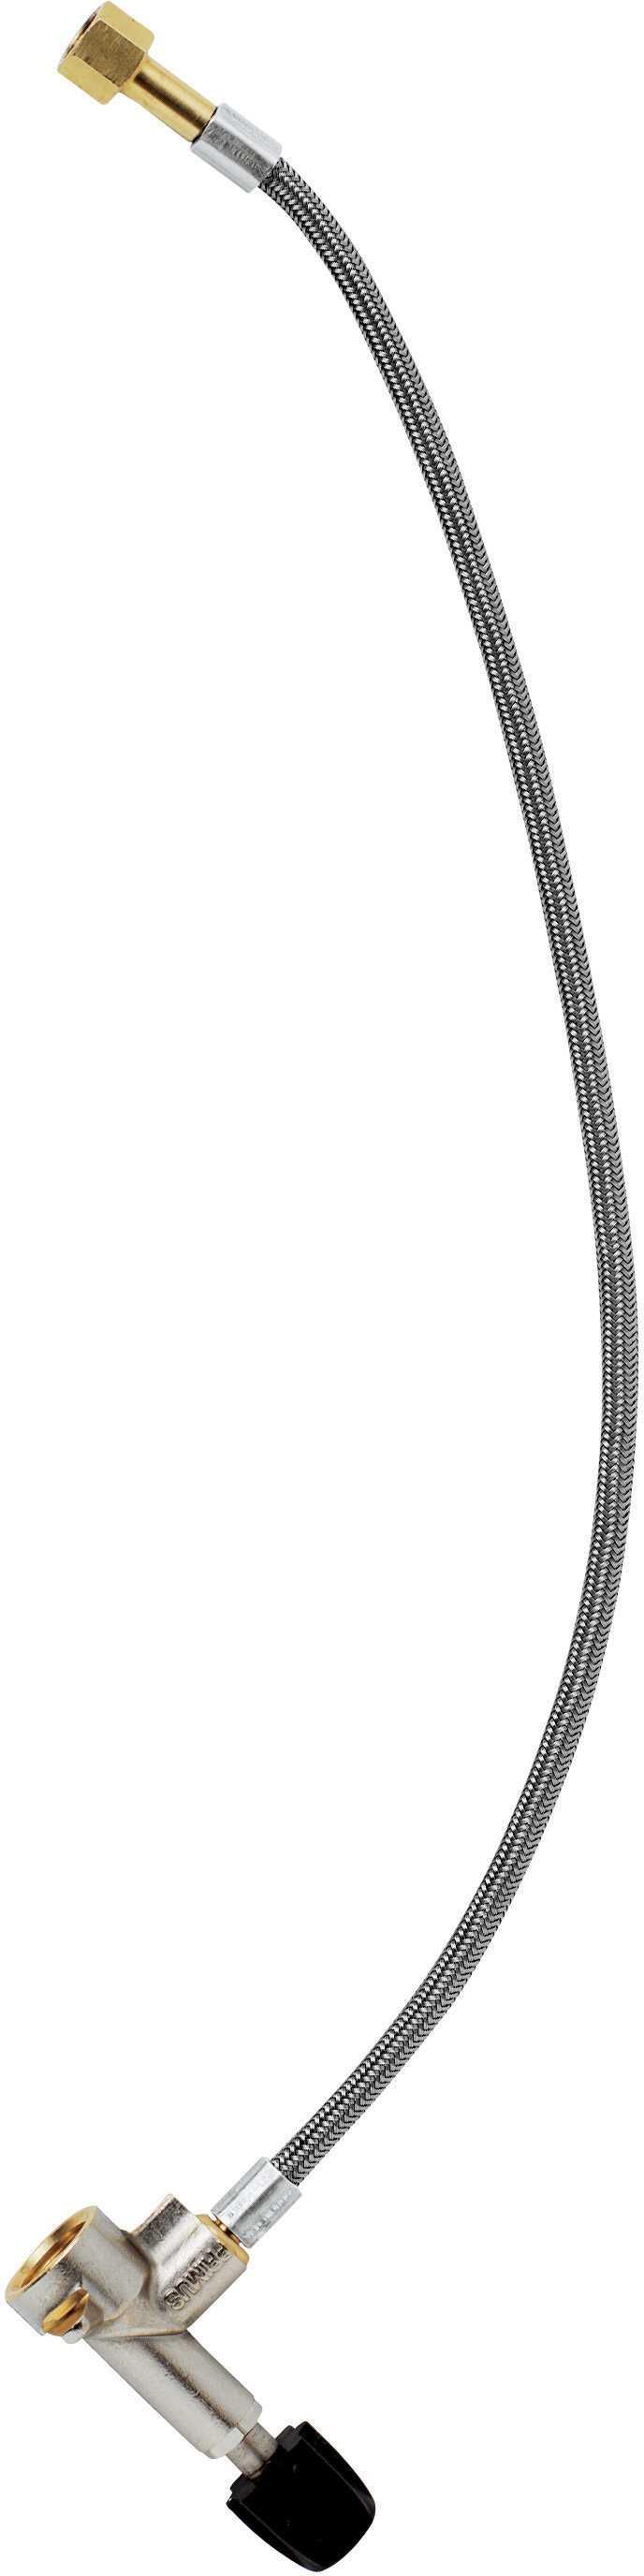 Primus Slang M Ventil Till 3289 Omnifuel | Tubes